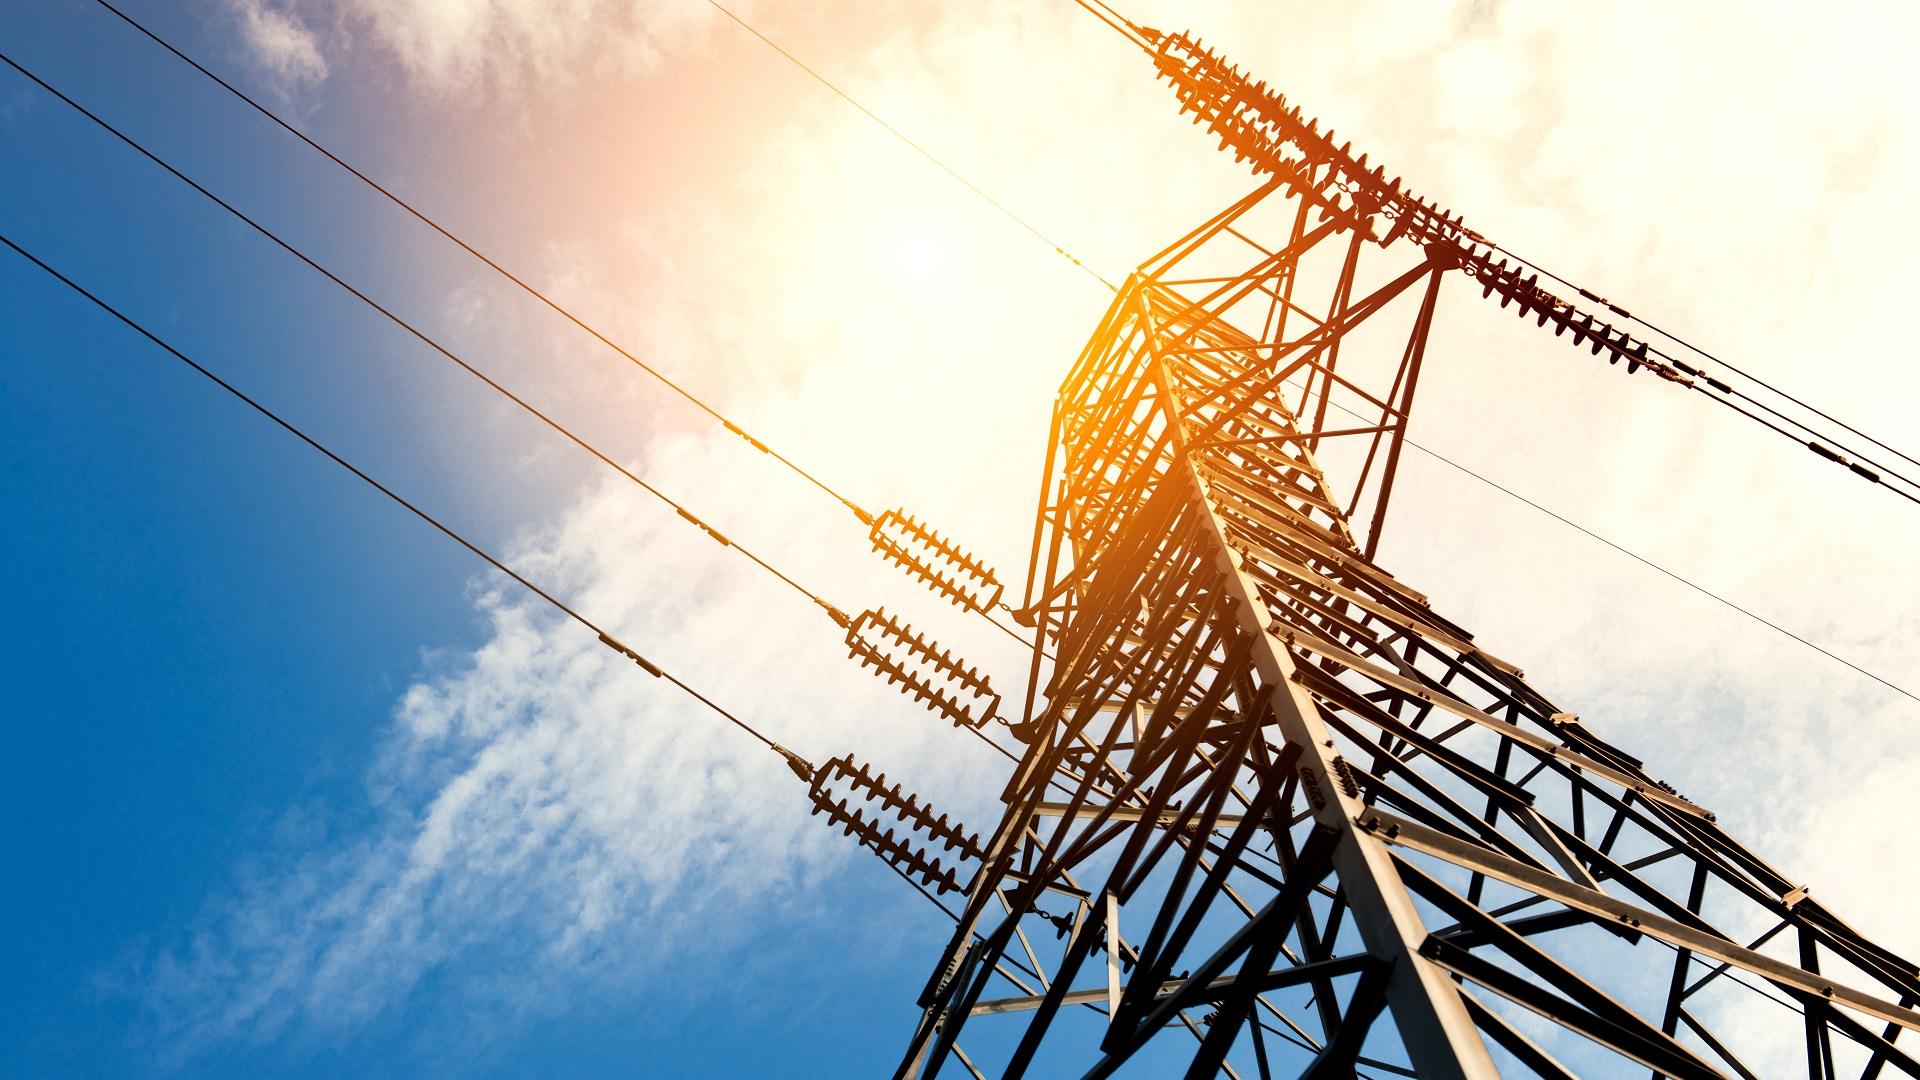 نشرة الخبراء: دور الذكاء الاصطناعي في تطوير قطاع الكهرباء